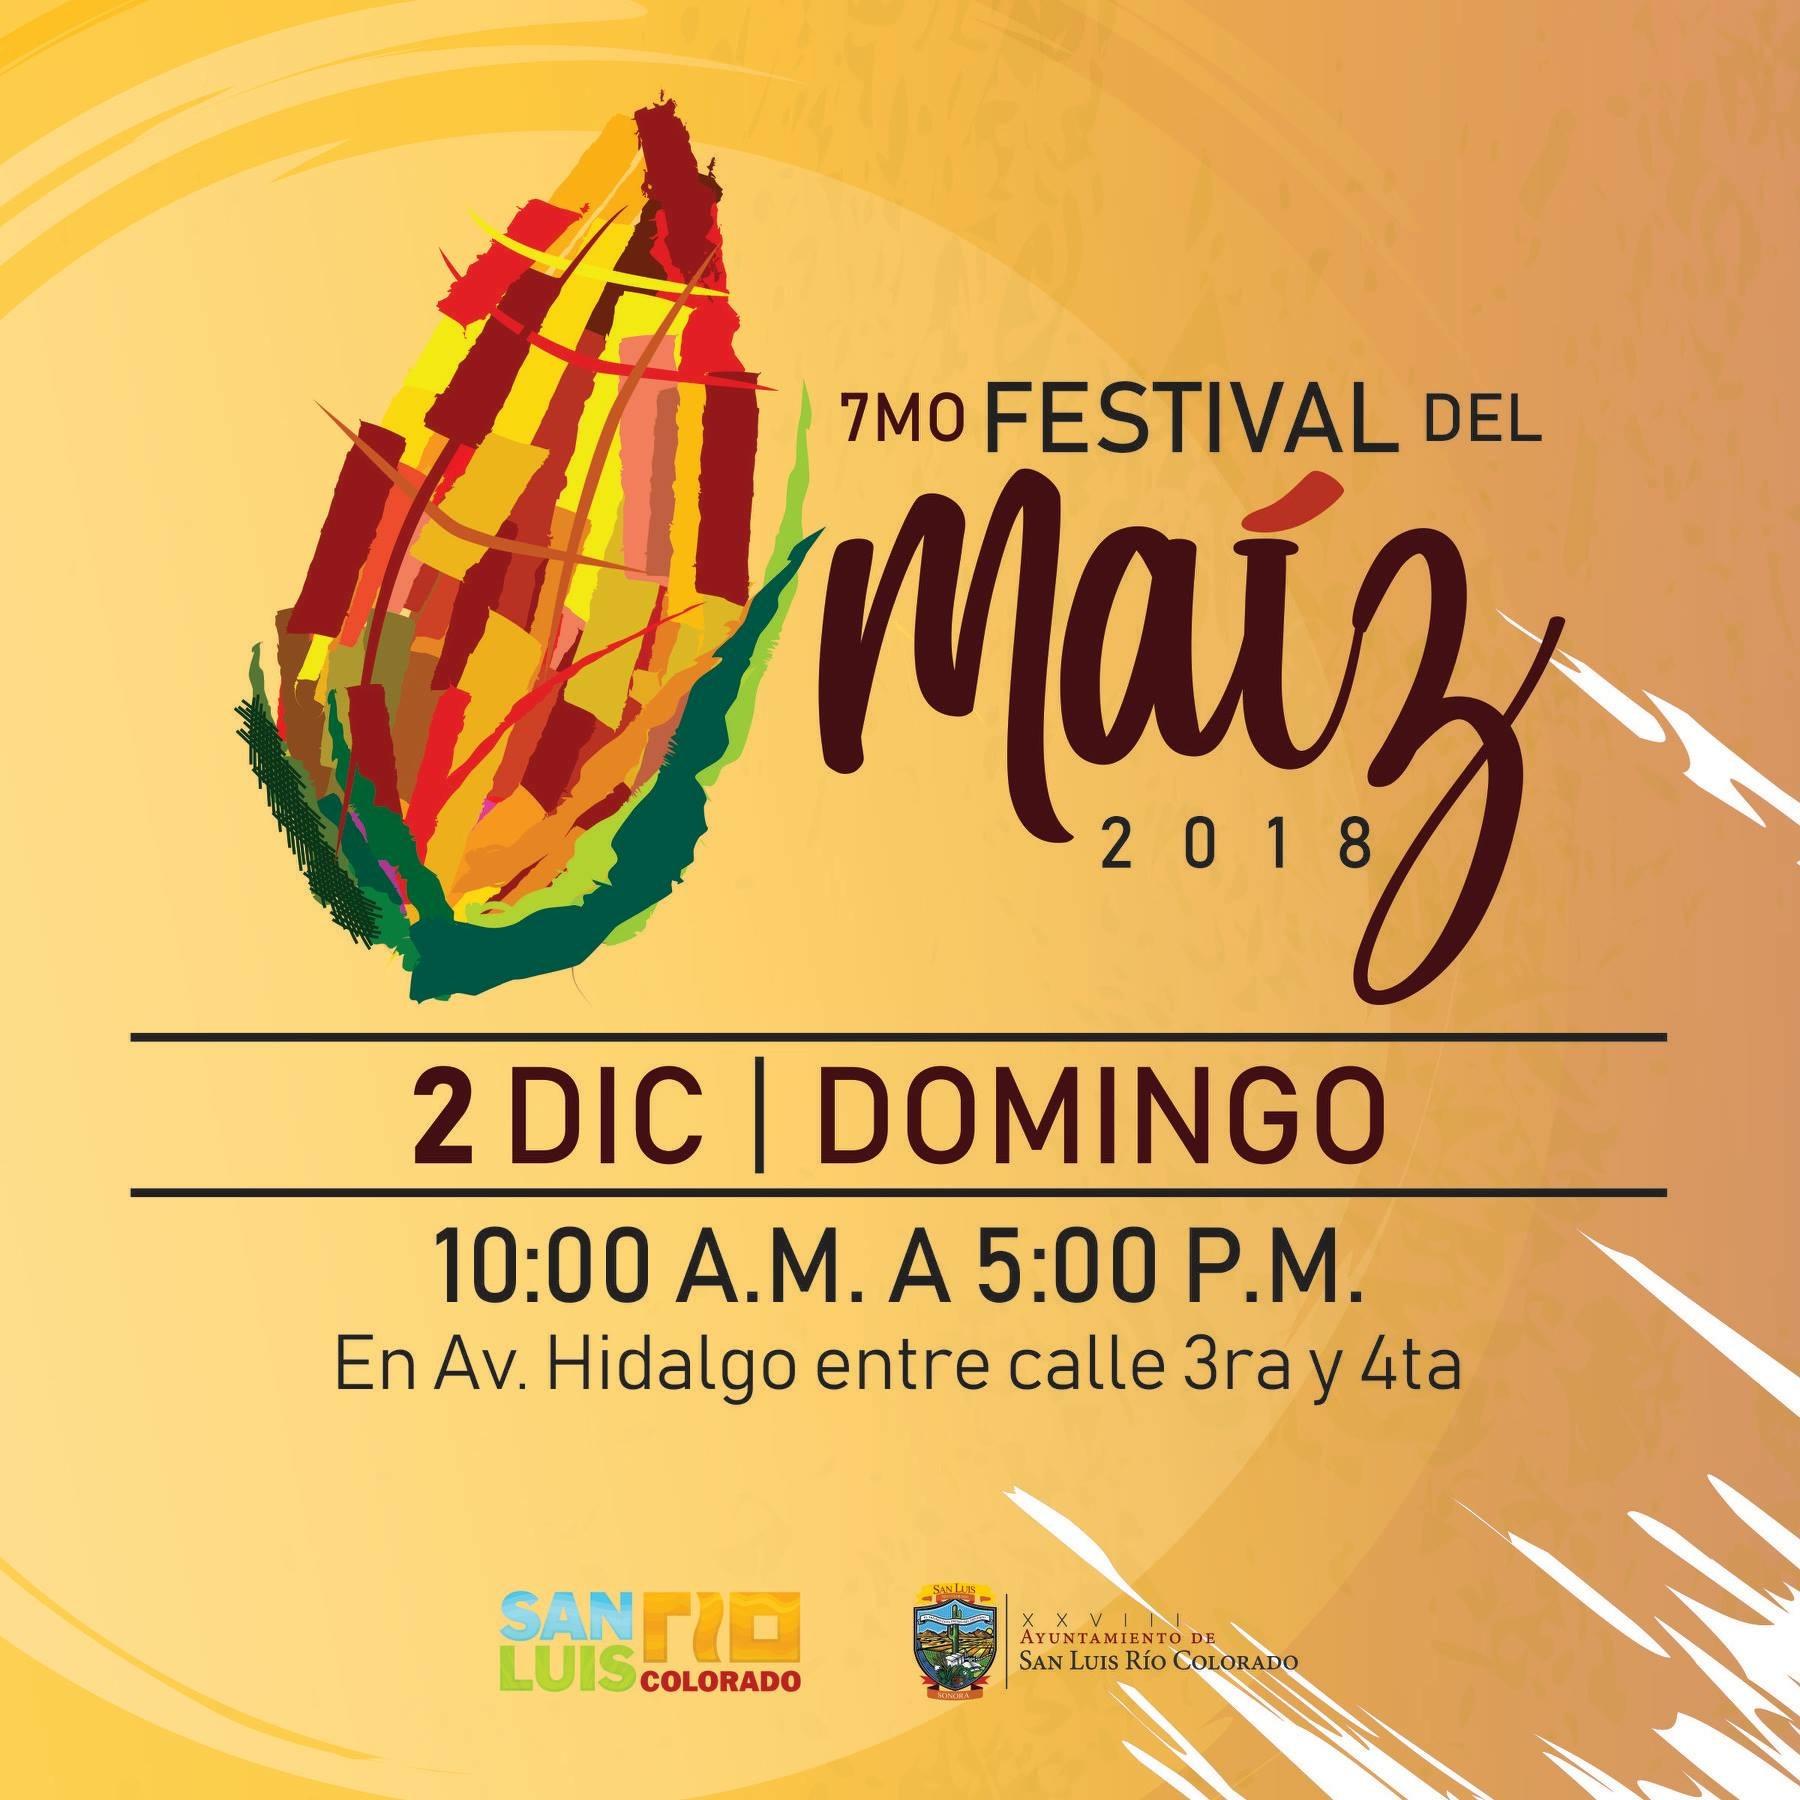 7mo Festival del maíz